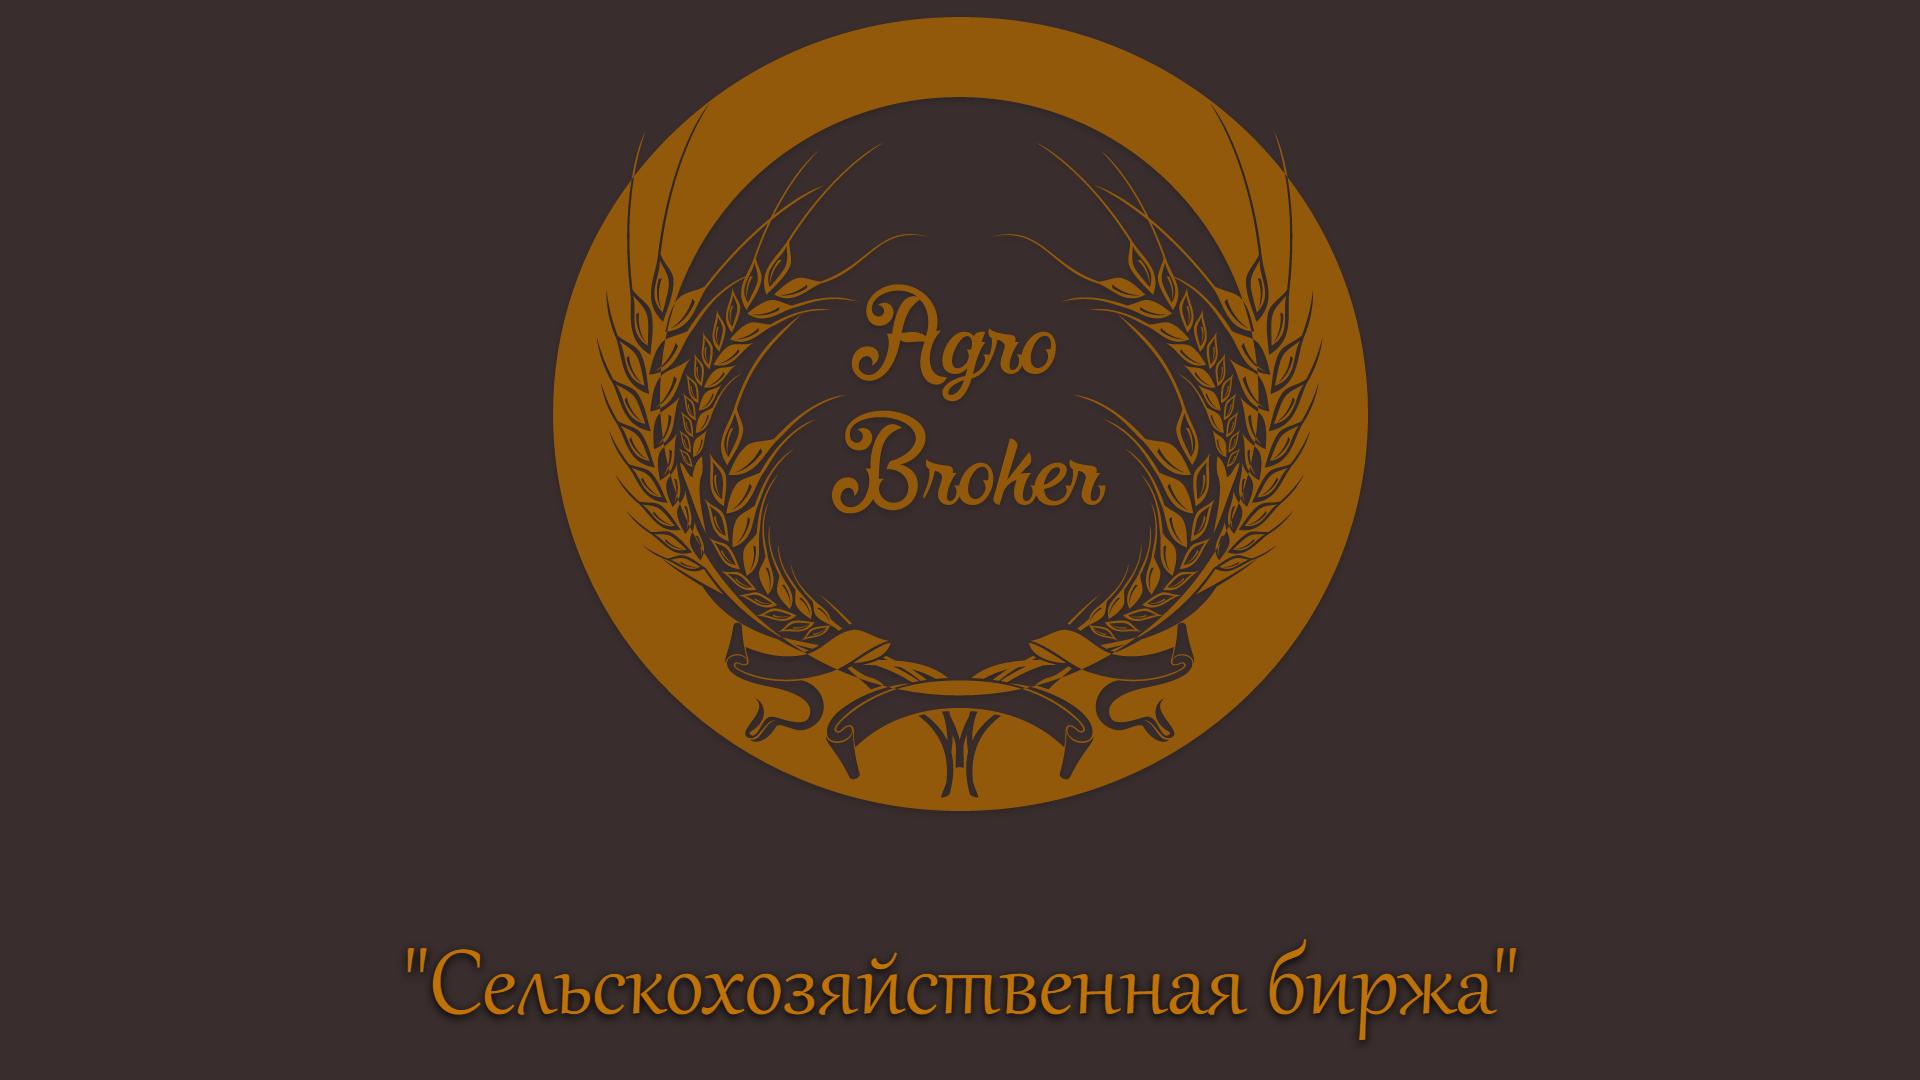 ТЗ на разработку пакета айдентики Agro.Broker фото f_853596660ae2e6be.png